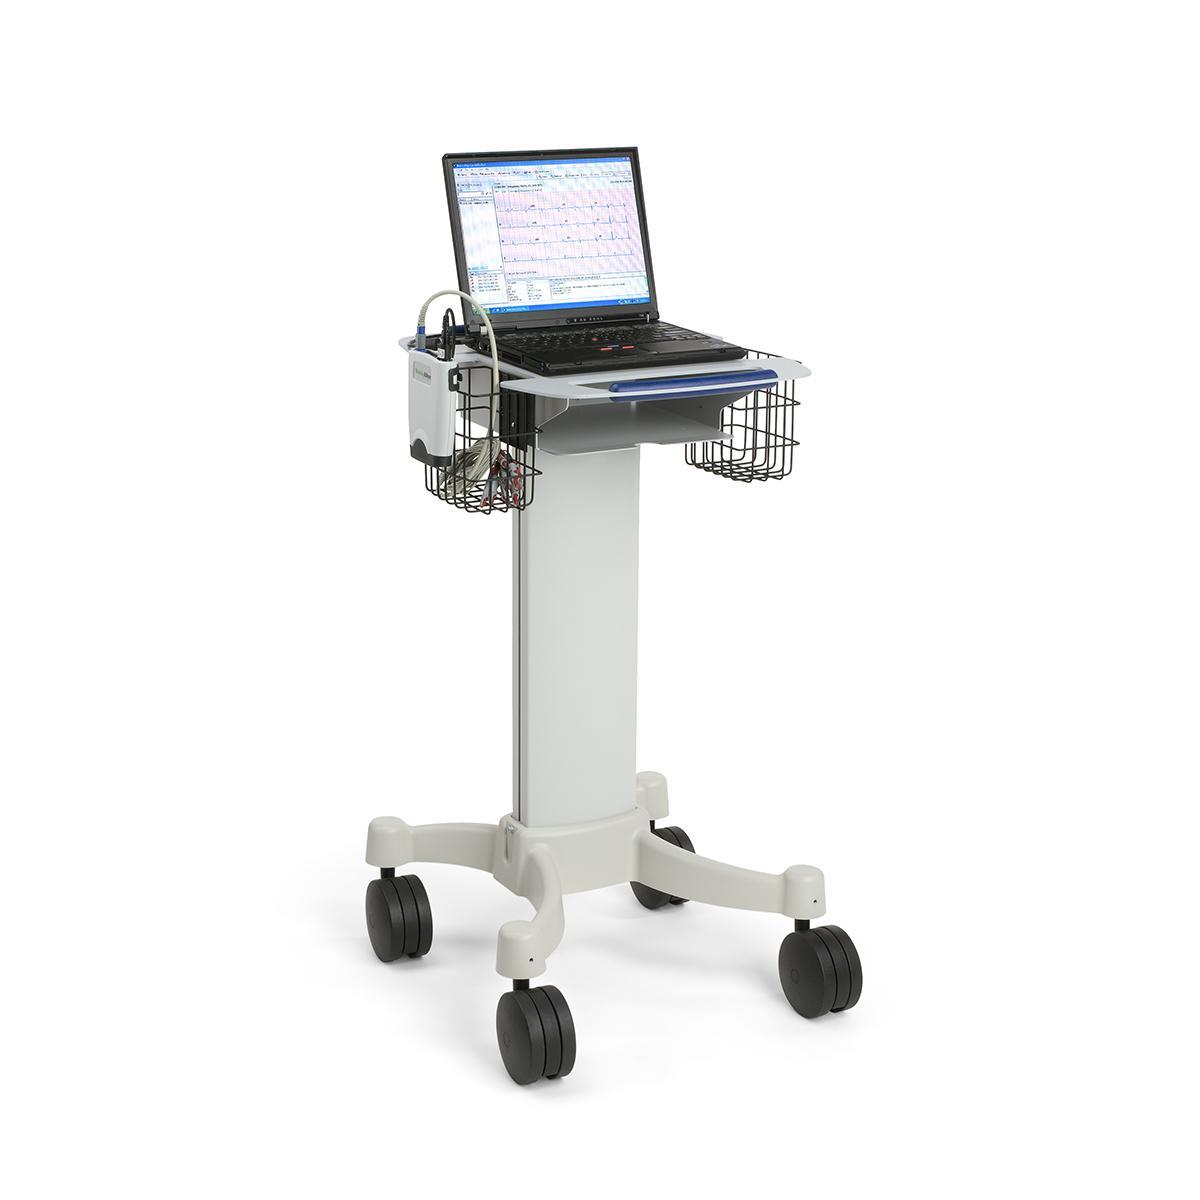 Électrocardiographe de repos sur ordinateur avec ordinateur personnel posé sur un chariot roulant